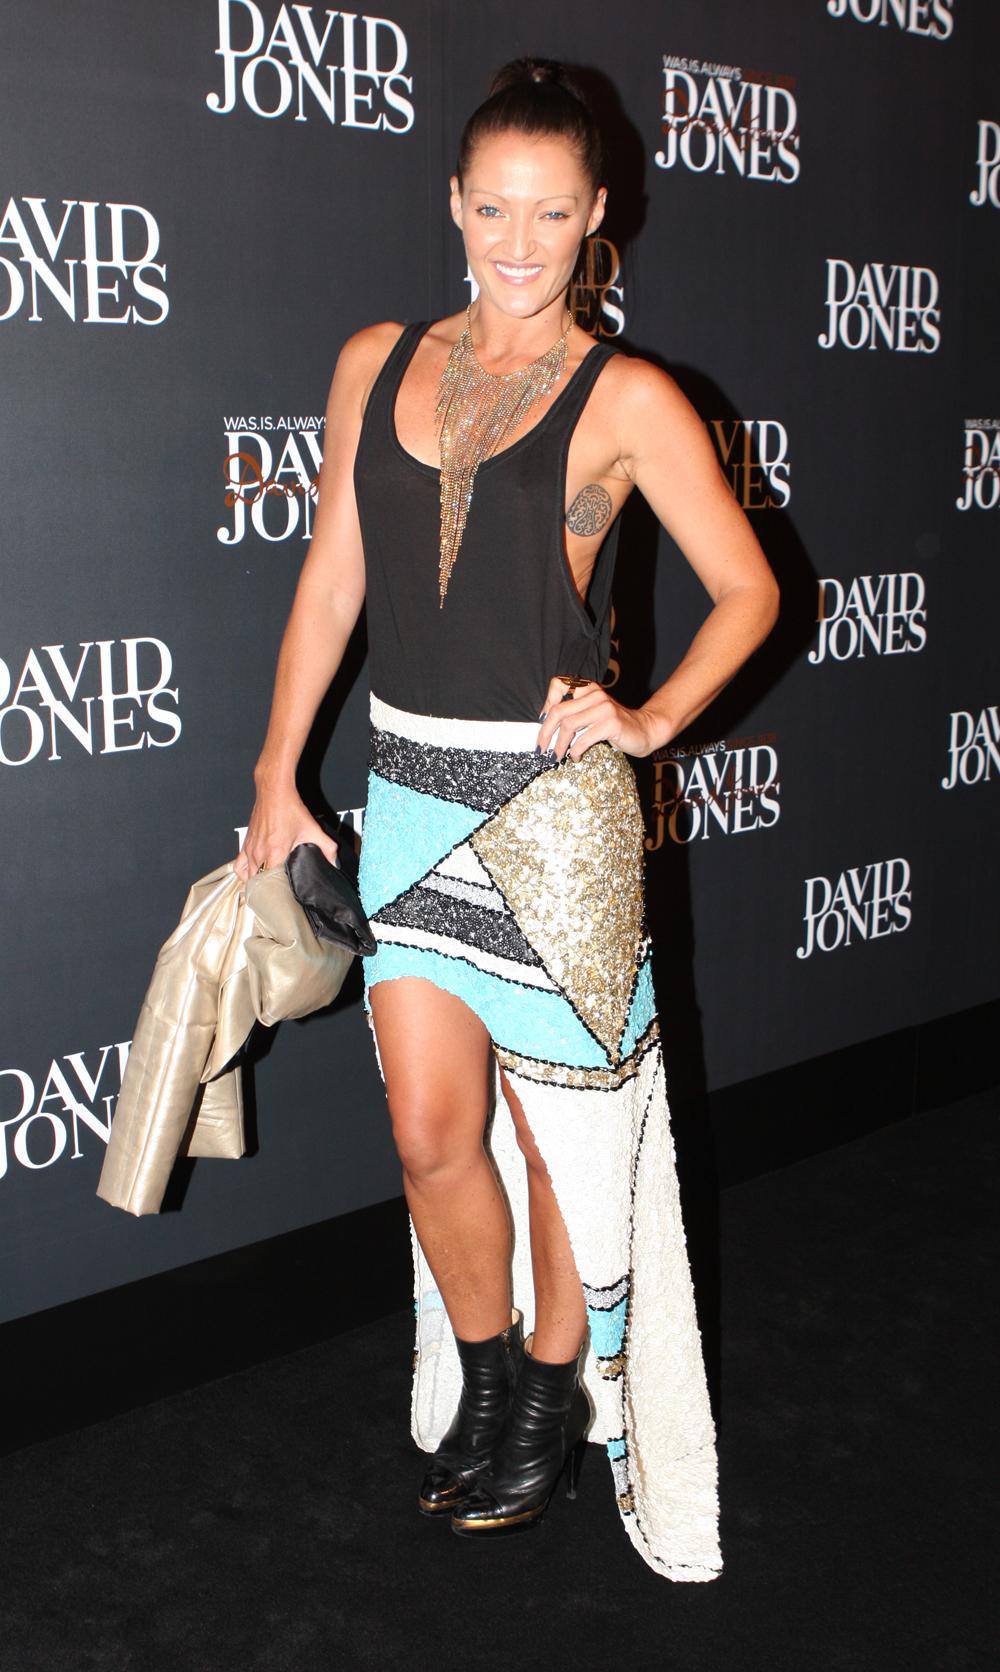 who is david jones roberts dating